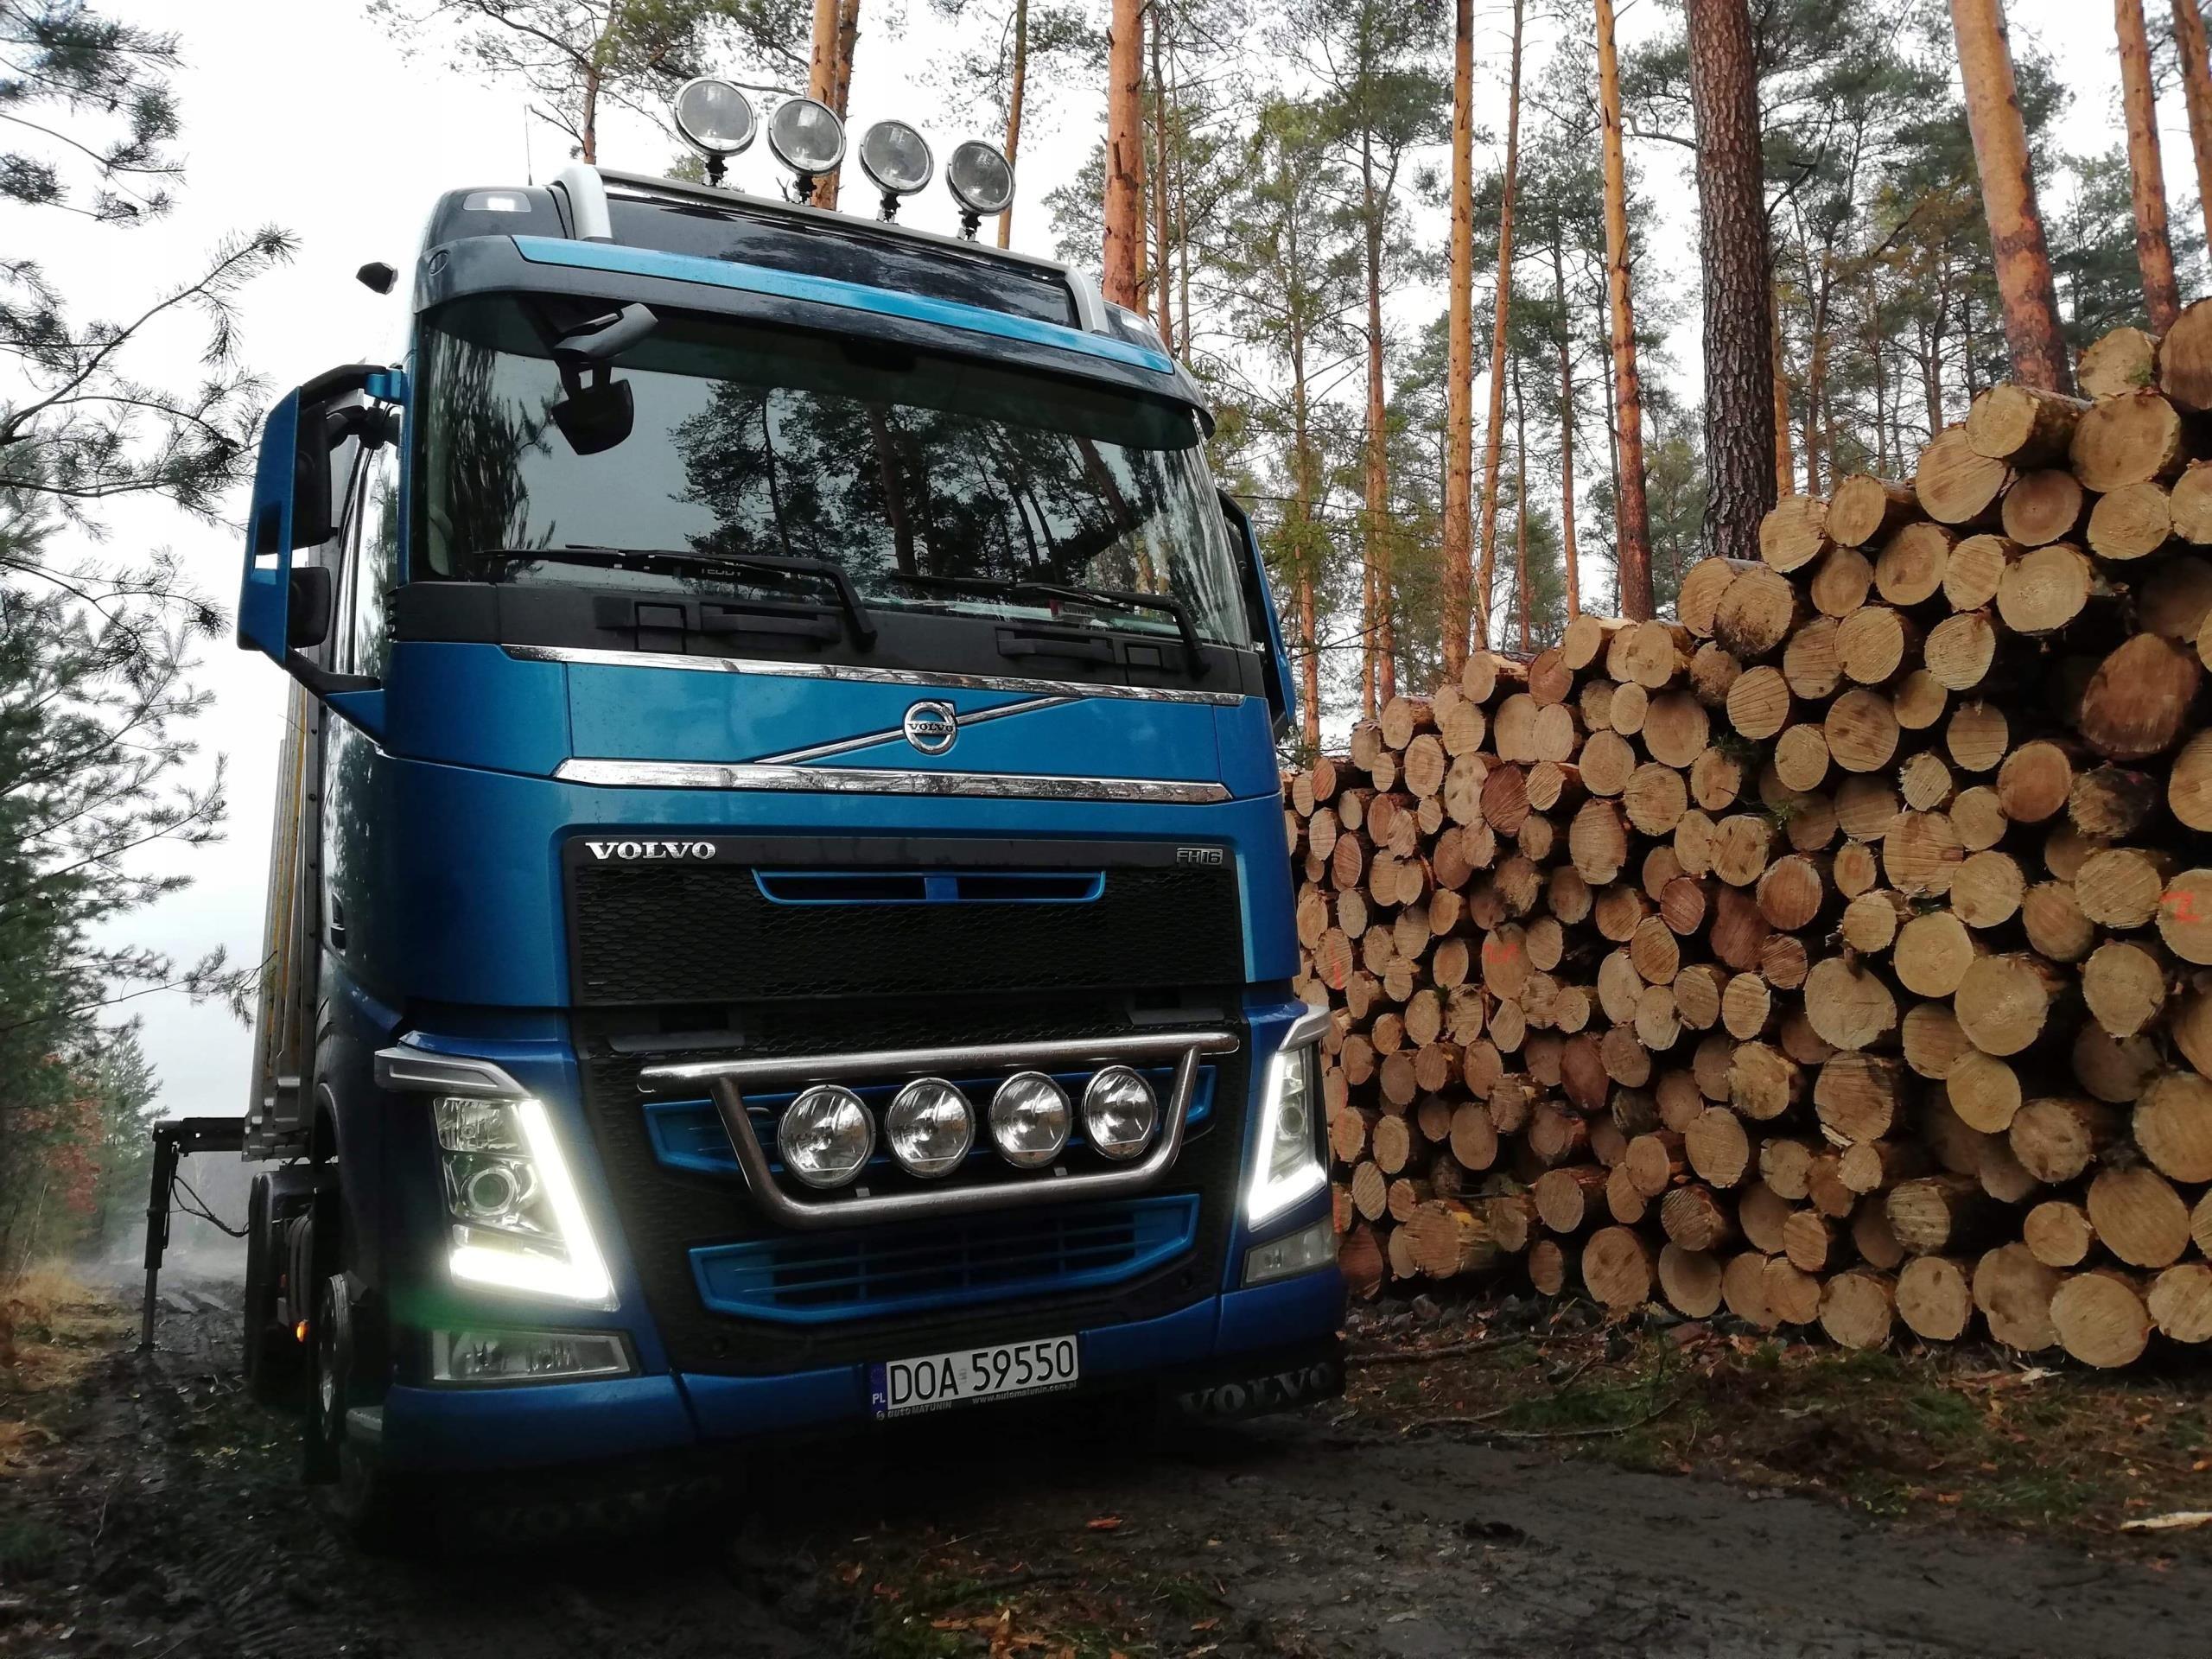 Zaktualizowano Volvo FH 16 do drewna do lasu - Opinie i ceny na Ceneo.pl TA67